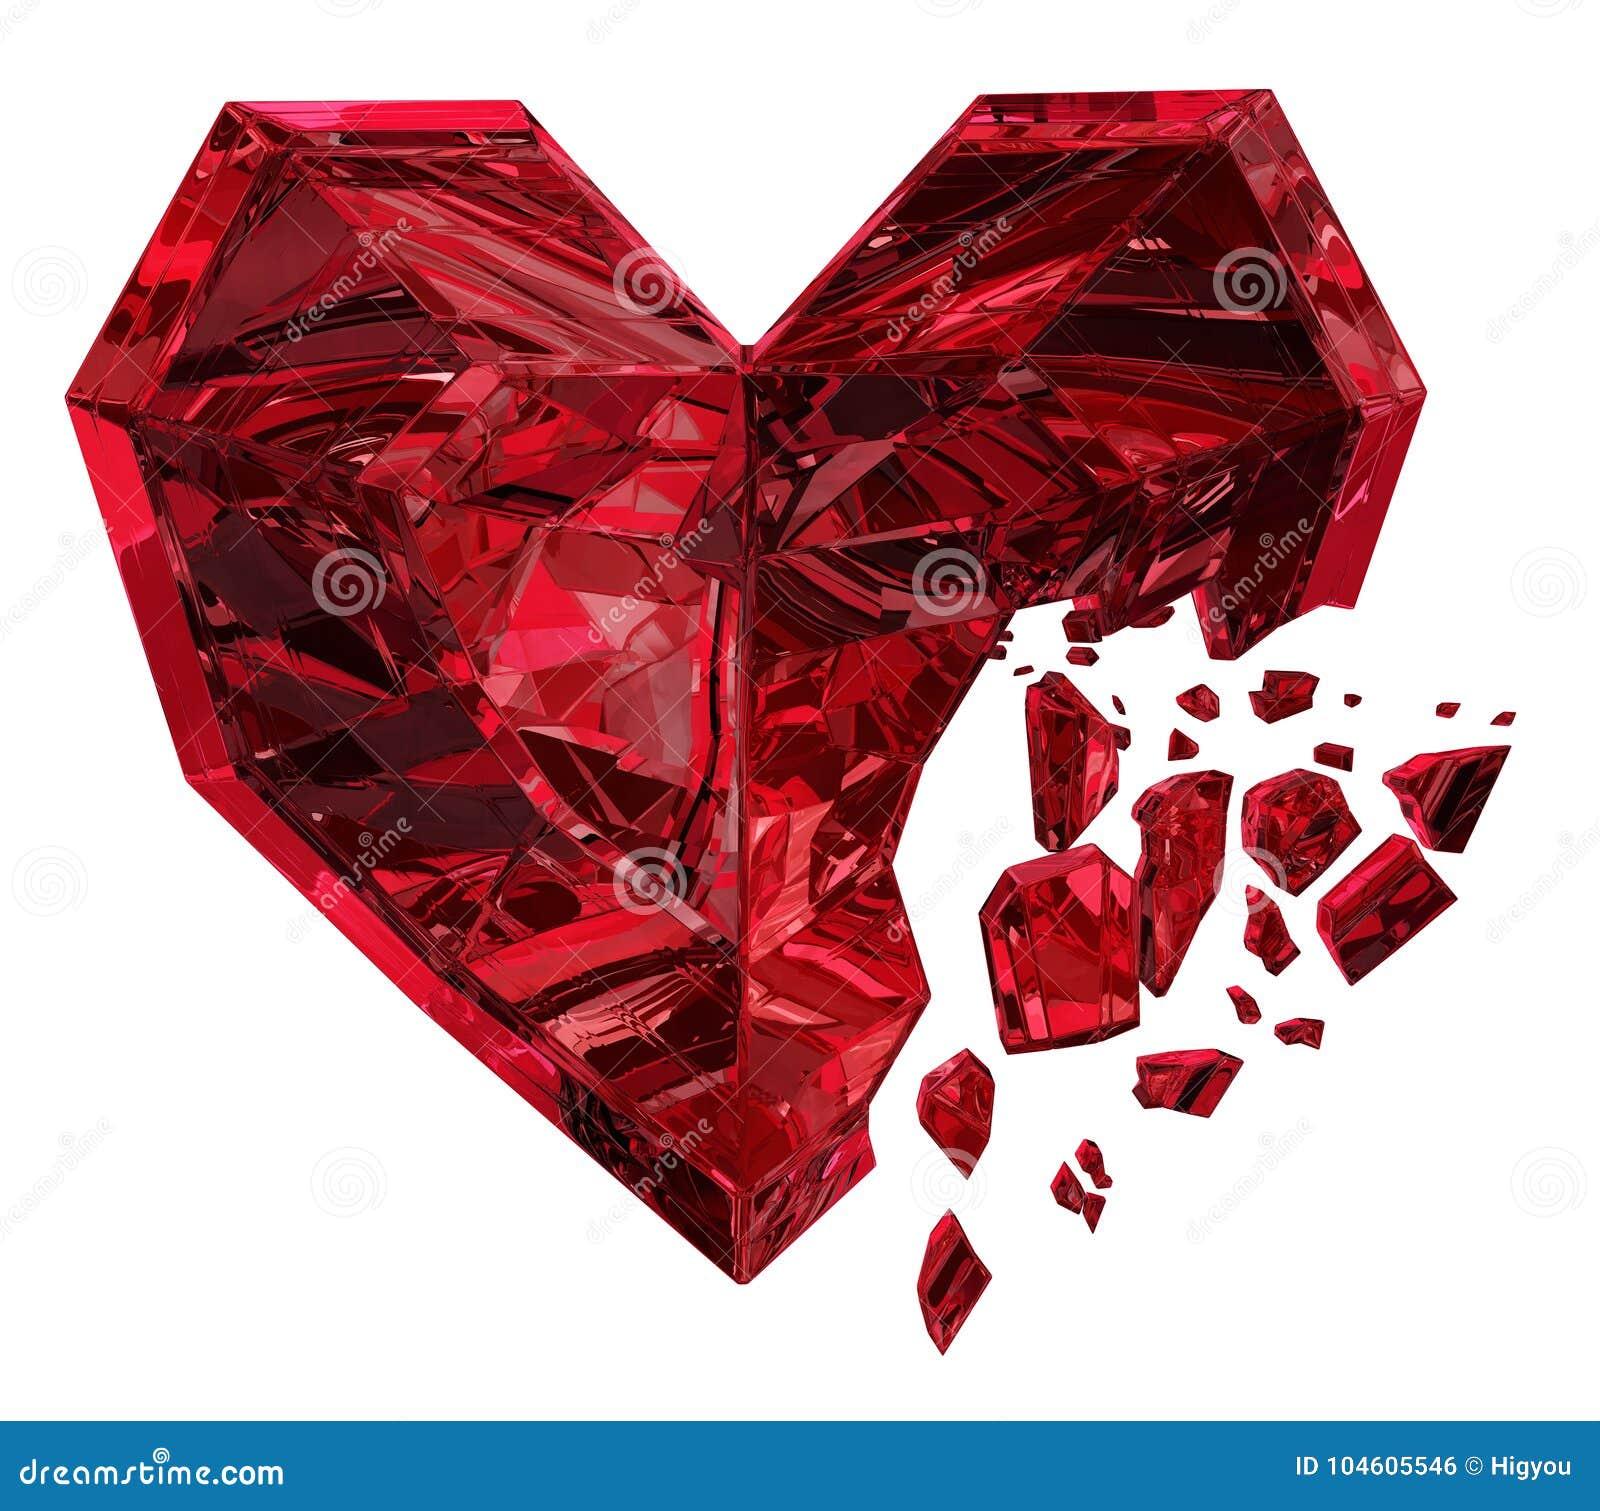 Ruby Heart Break